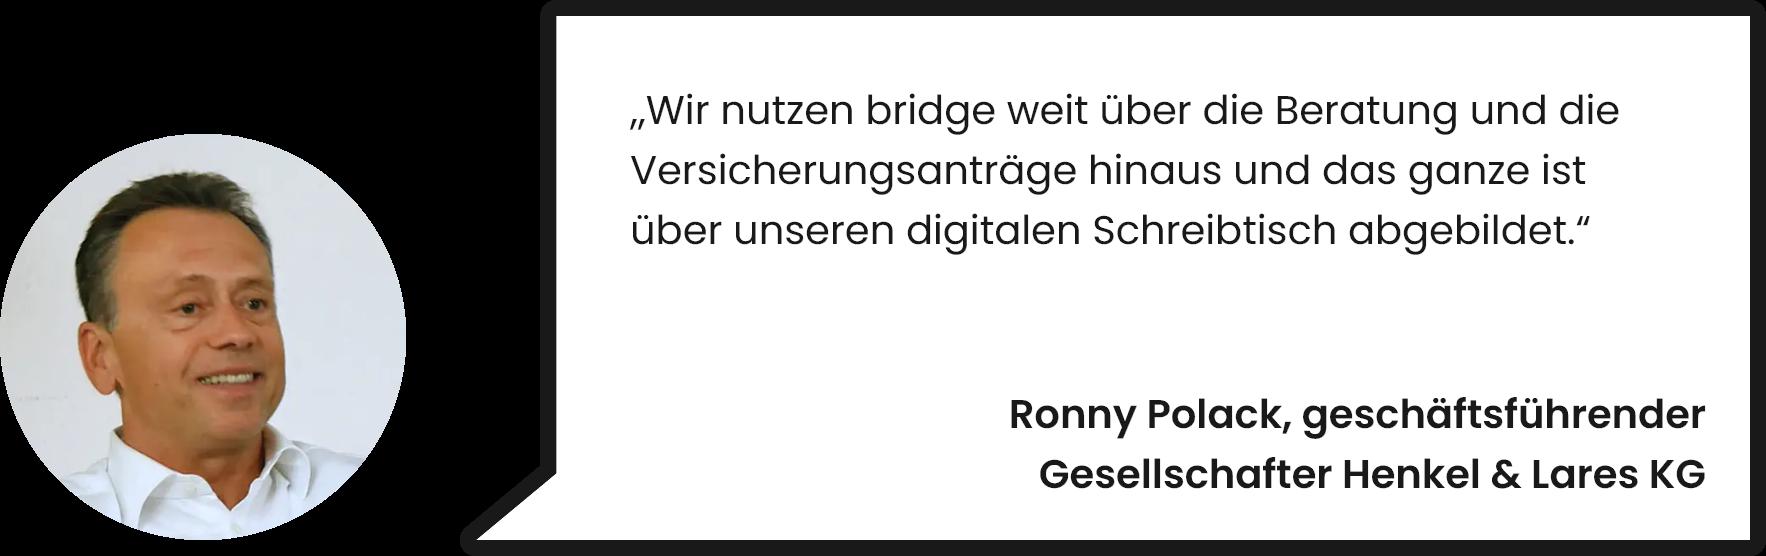 bild-zitat-2-bridge-kunde-henkel-und-lares-ronny-polack-digitalisierung-beratung-versicherung